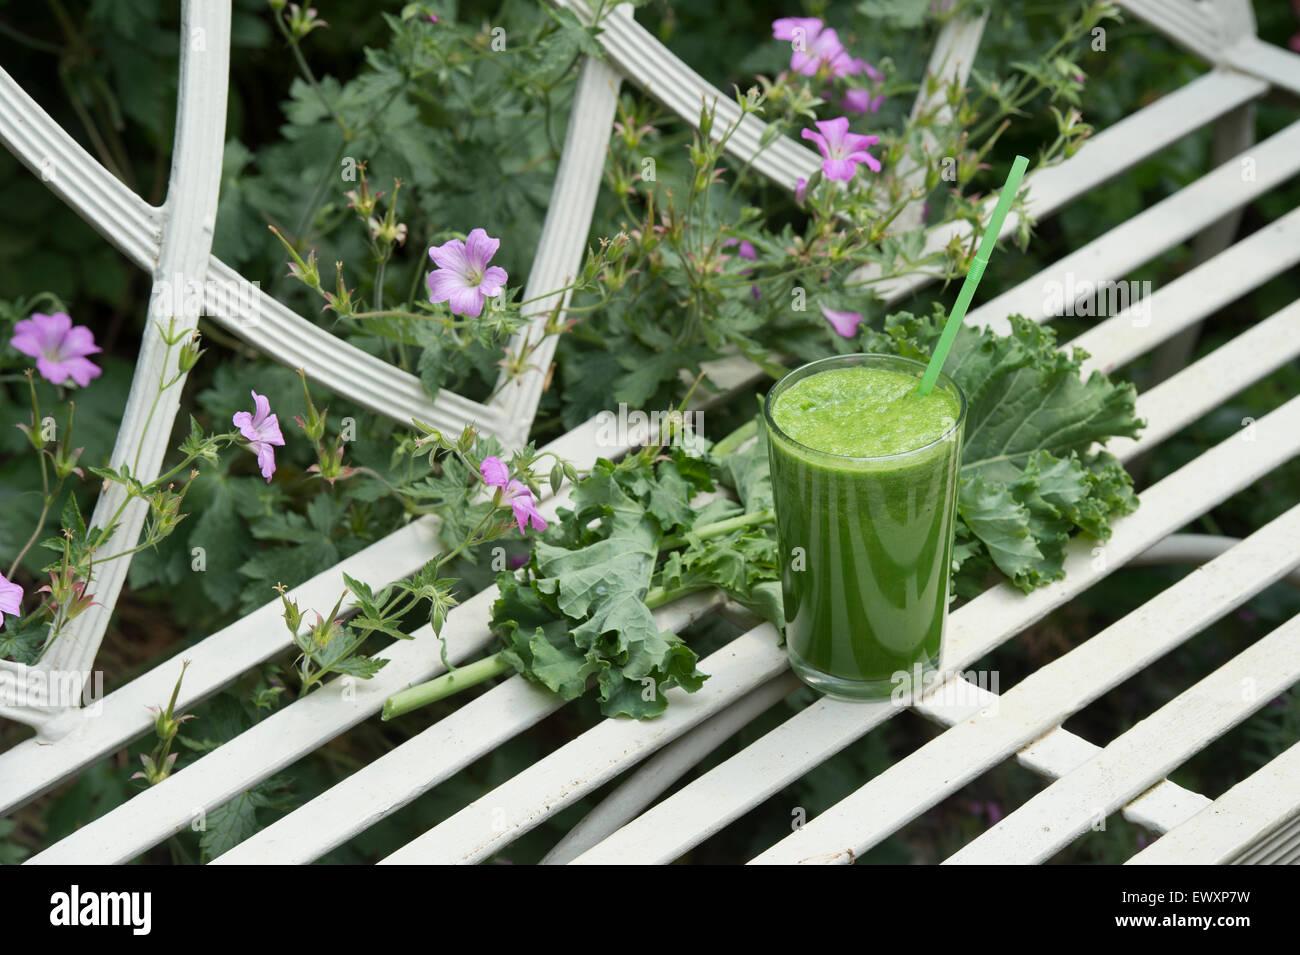 Matières feuille verte et de fruits dans un verre Photo Stock